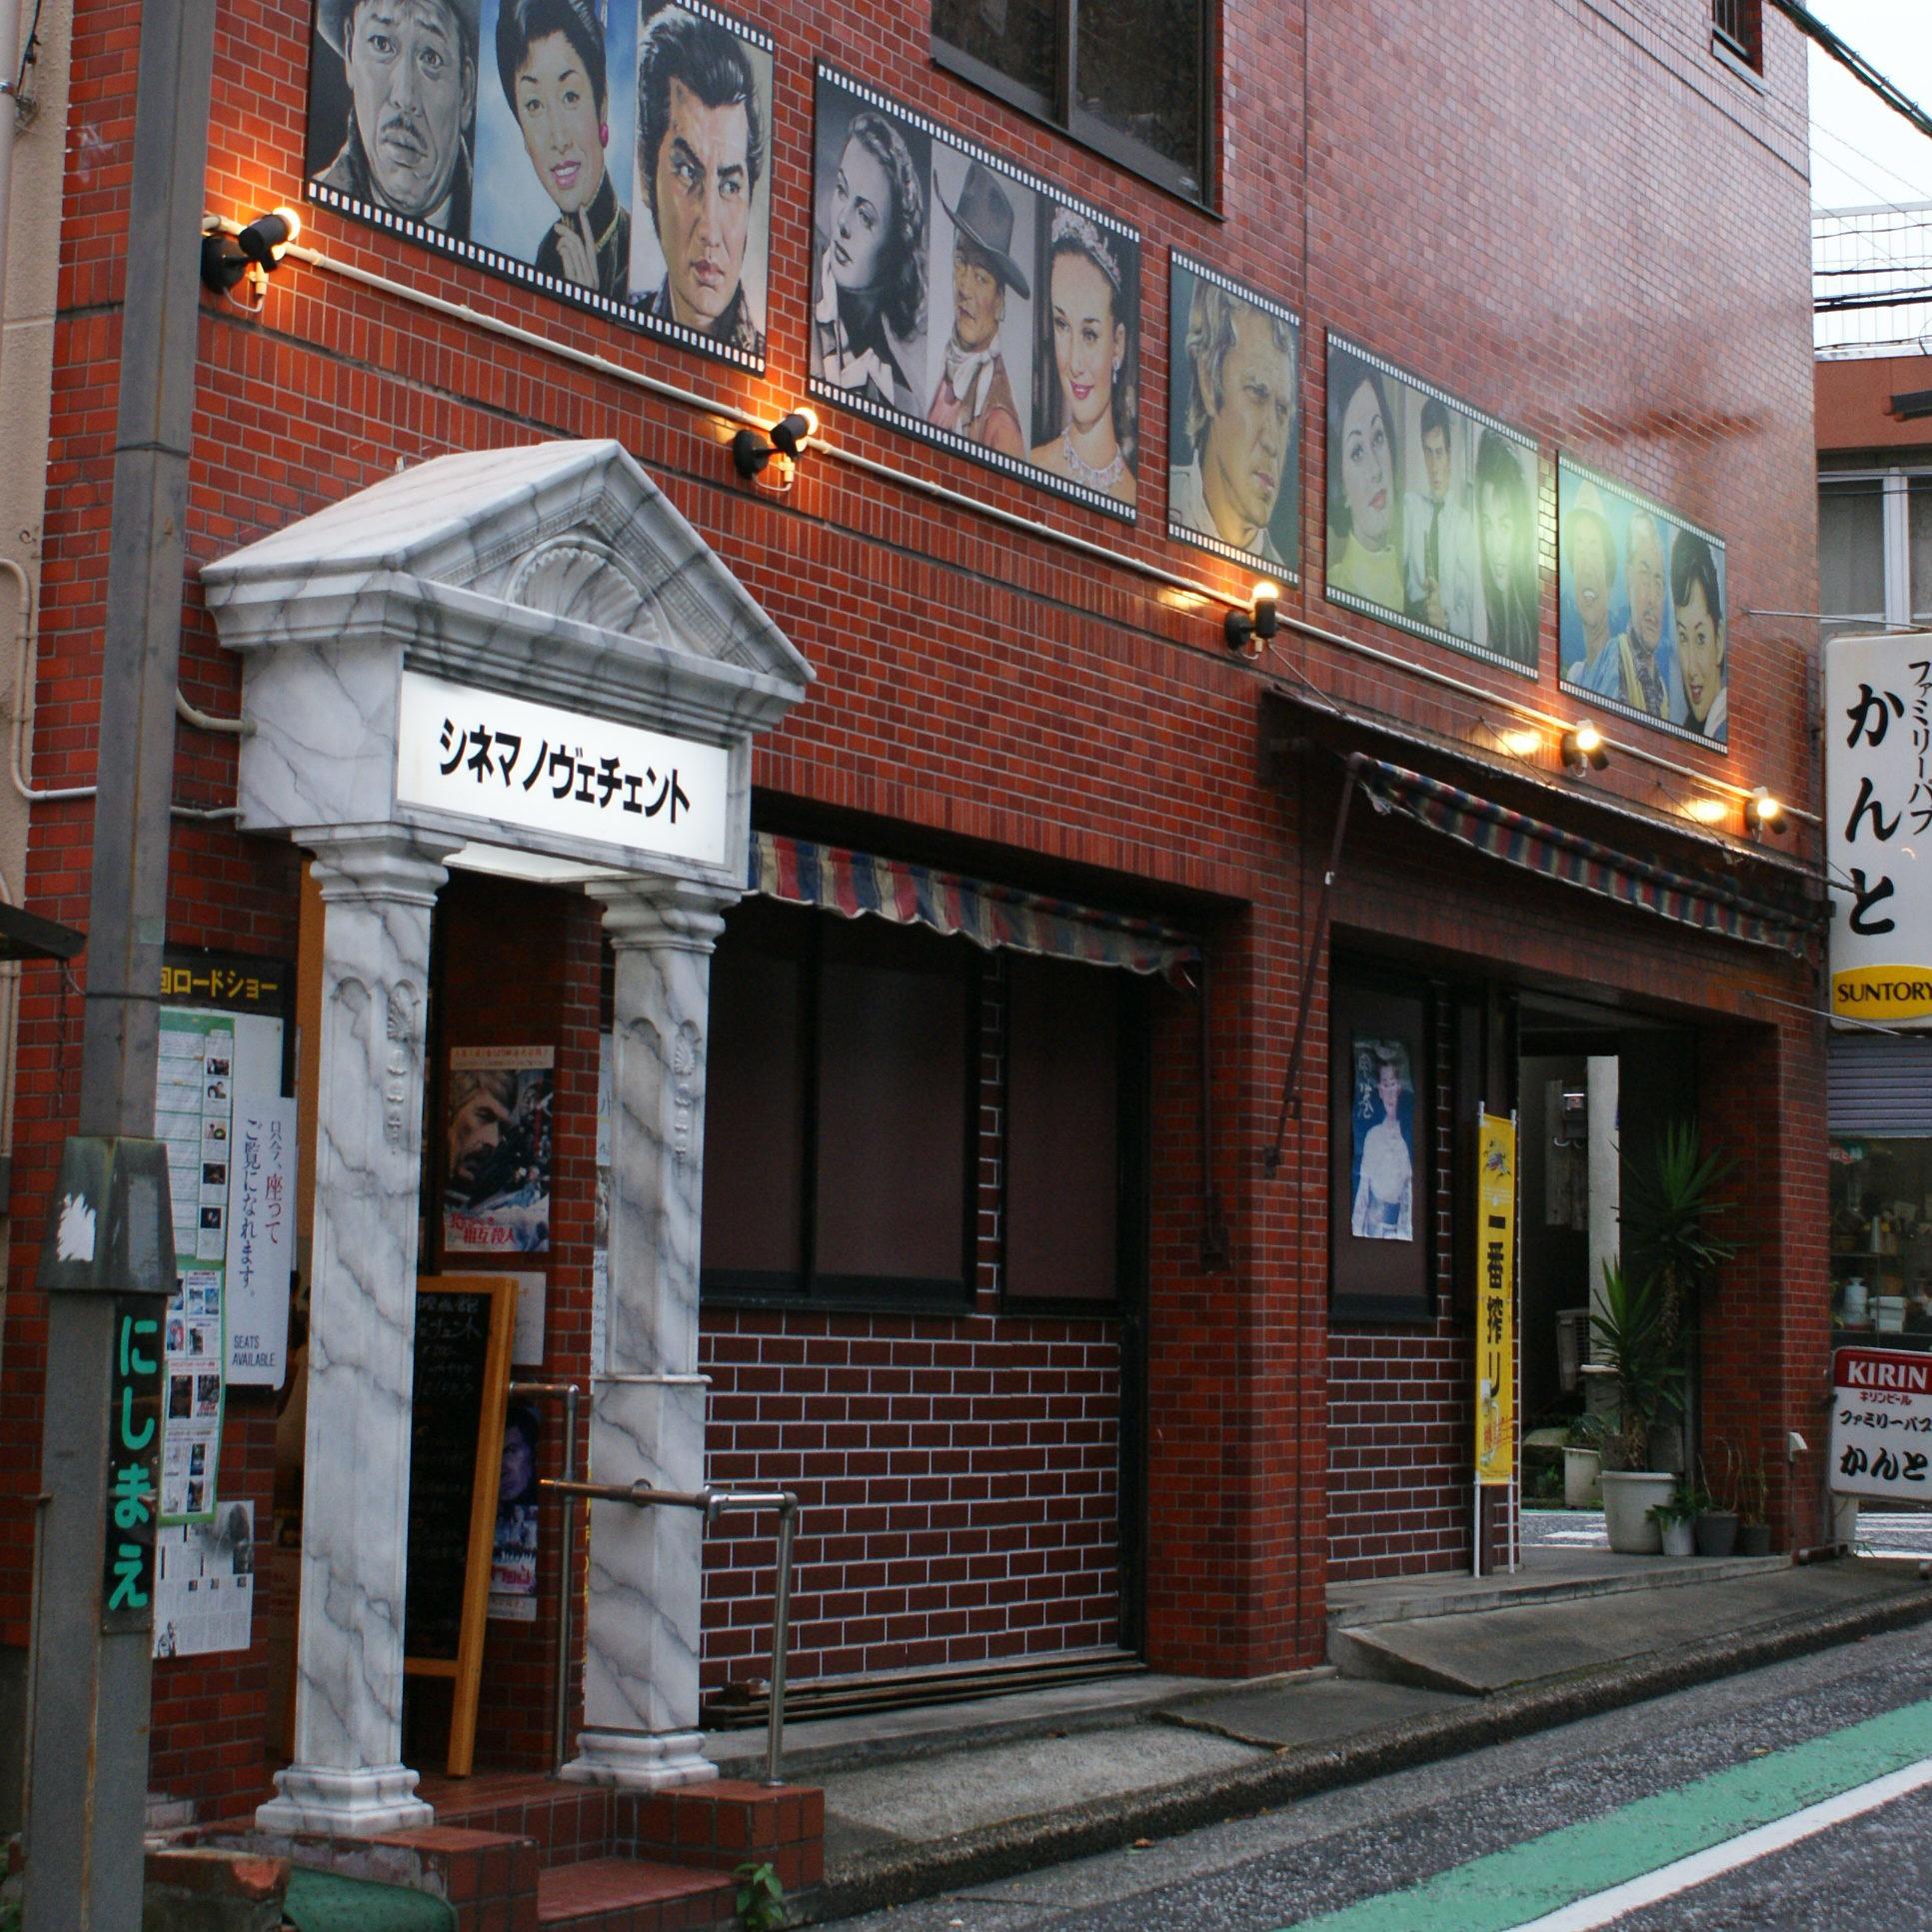 シネマノヴェチェント(神奈川県)